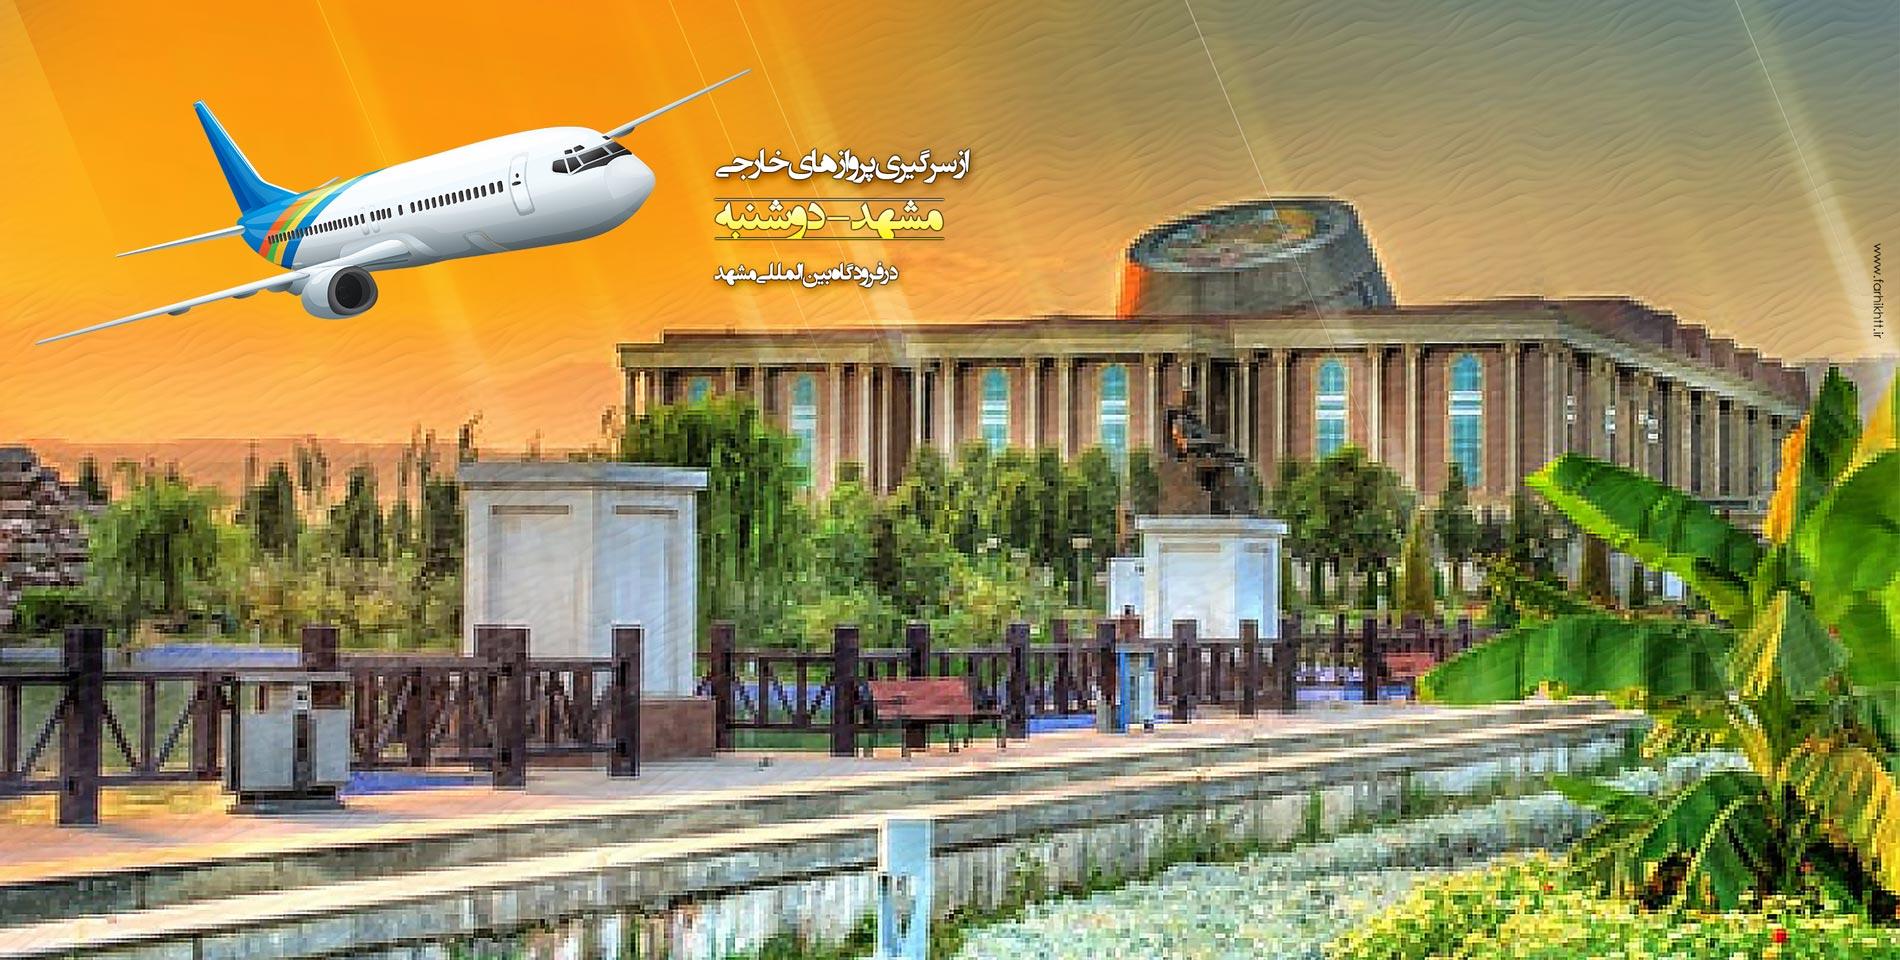 برقراری مجدد پرواز مستقیم بین ایران و تاجیکستان